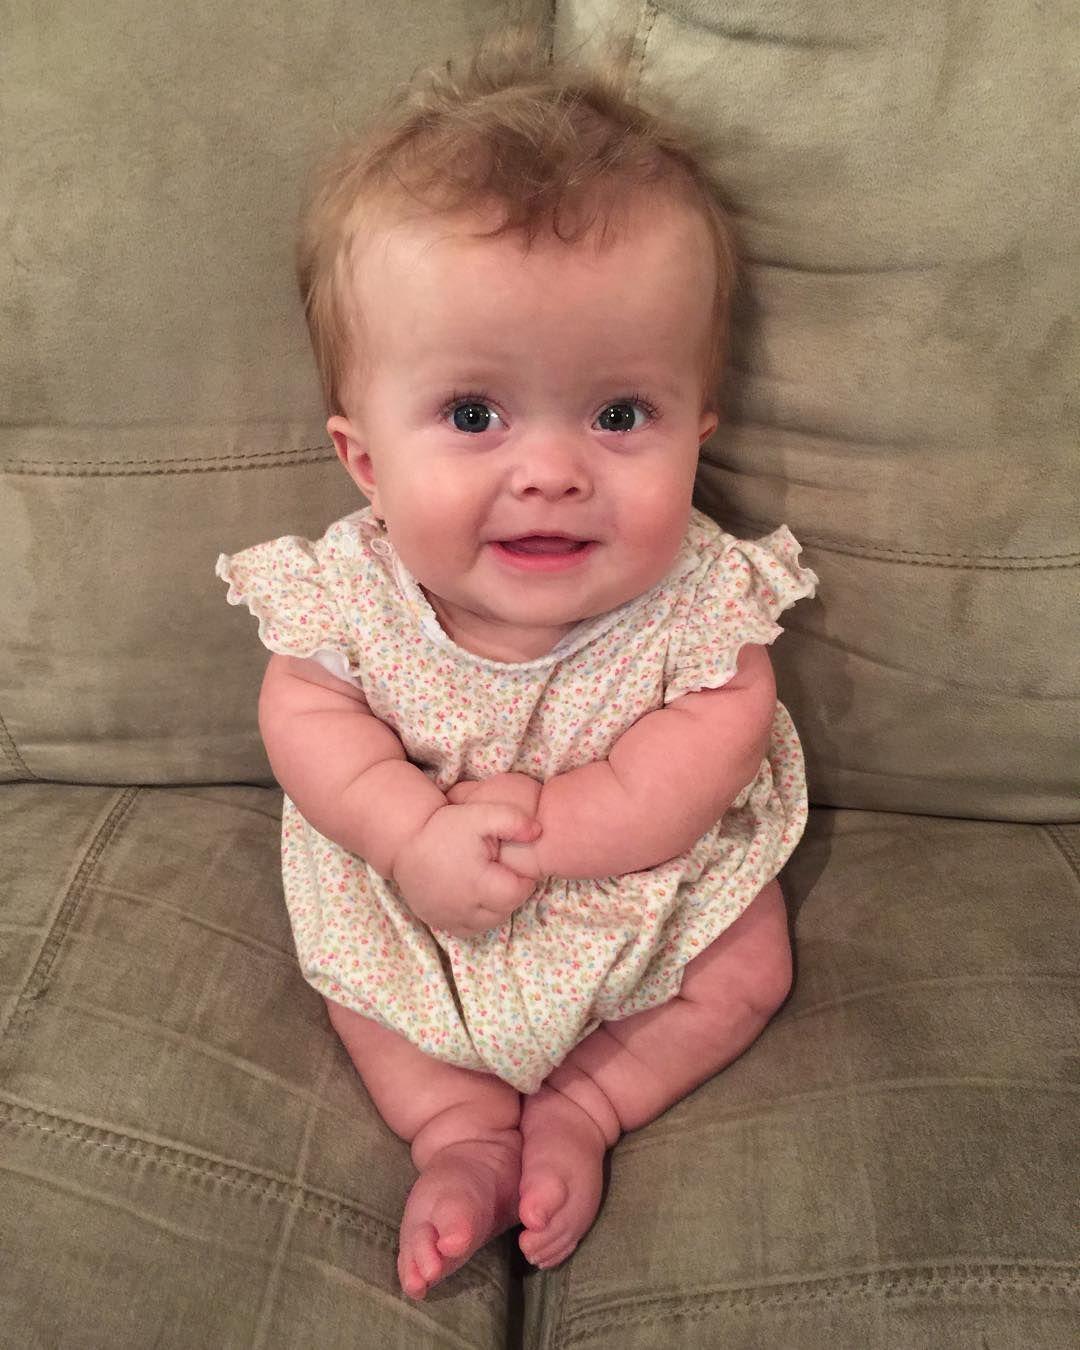 Little Women: The CUTEST Picture Of Terra Jole's Baby, Penelope